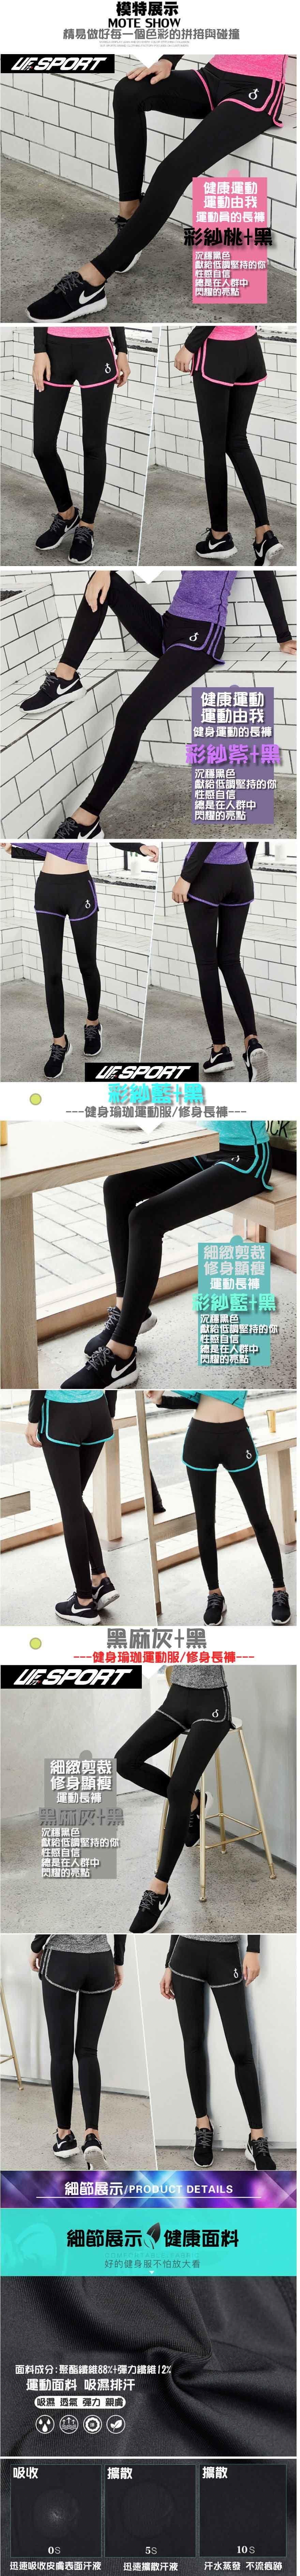 【UF72+】UF-W17121時尚高彈力女款速乾瑜珈輕壓假兩件運動褲/黑灰 1